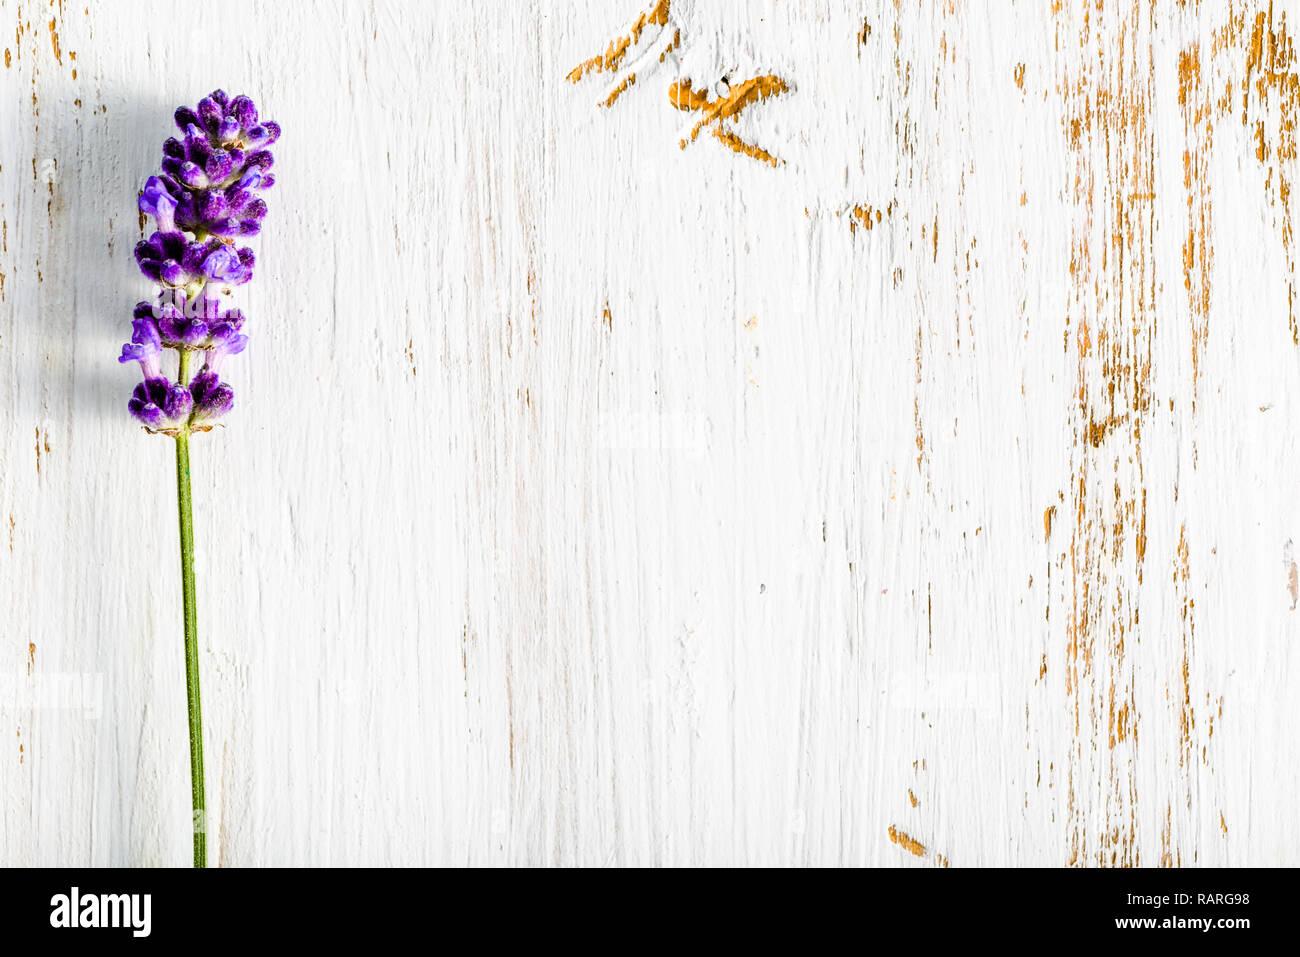 Fiori Di Lavanda Su Sfondo Di Legno Motivo Floreale In Bianco